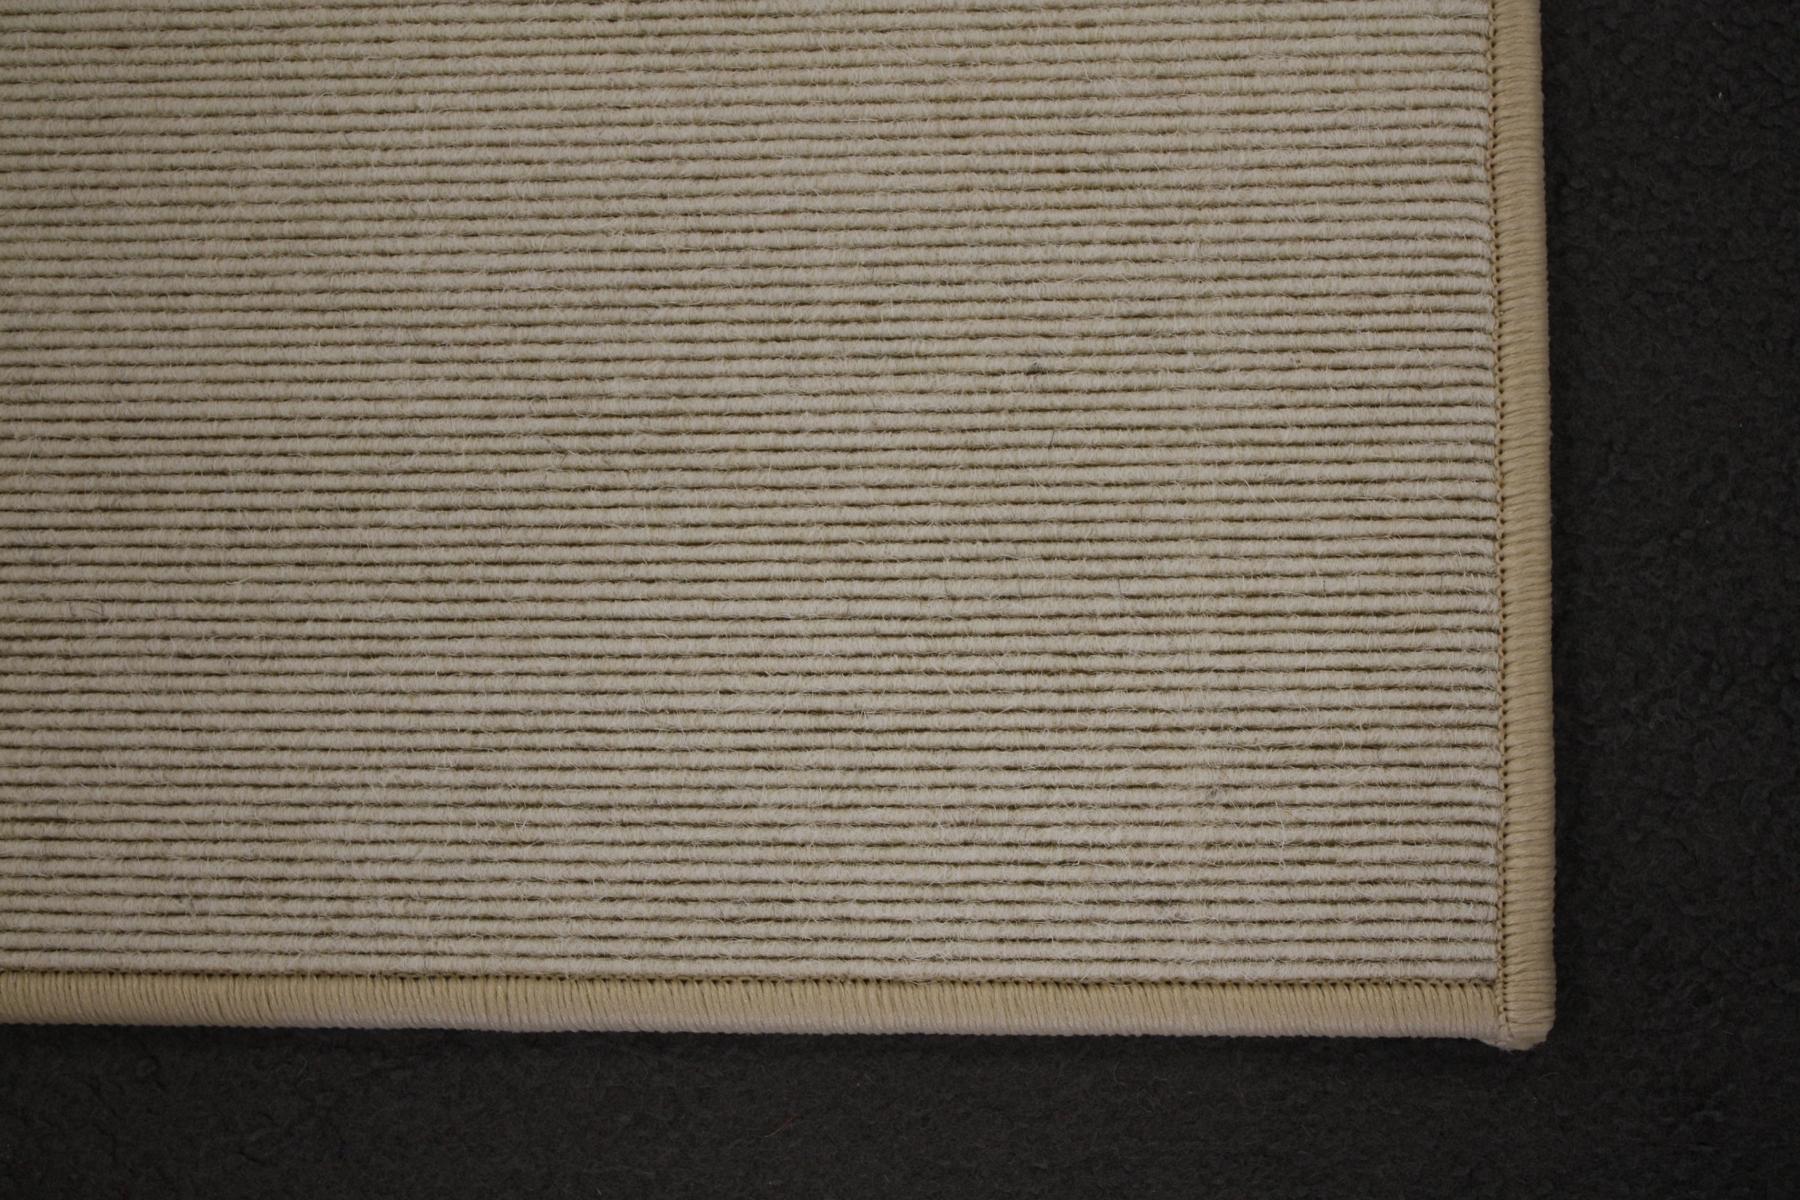 Teppich Tretford 611 umkettelt 170 x230 cm  eBay